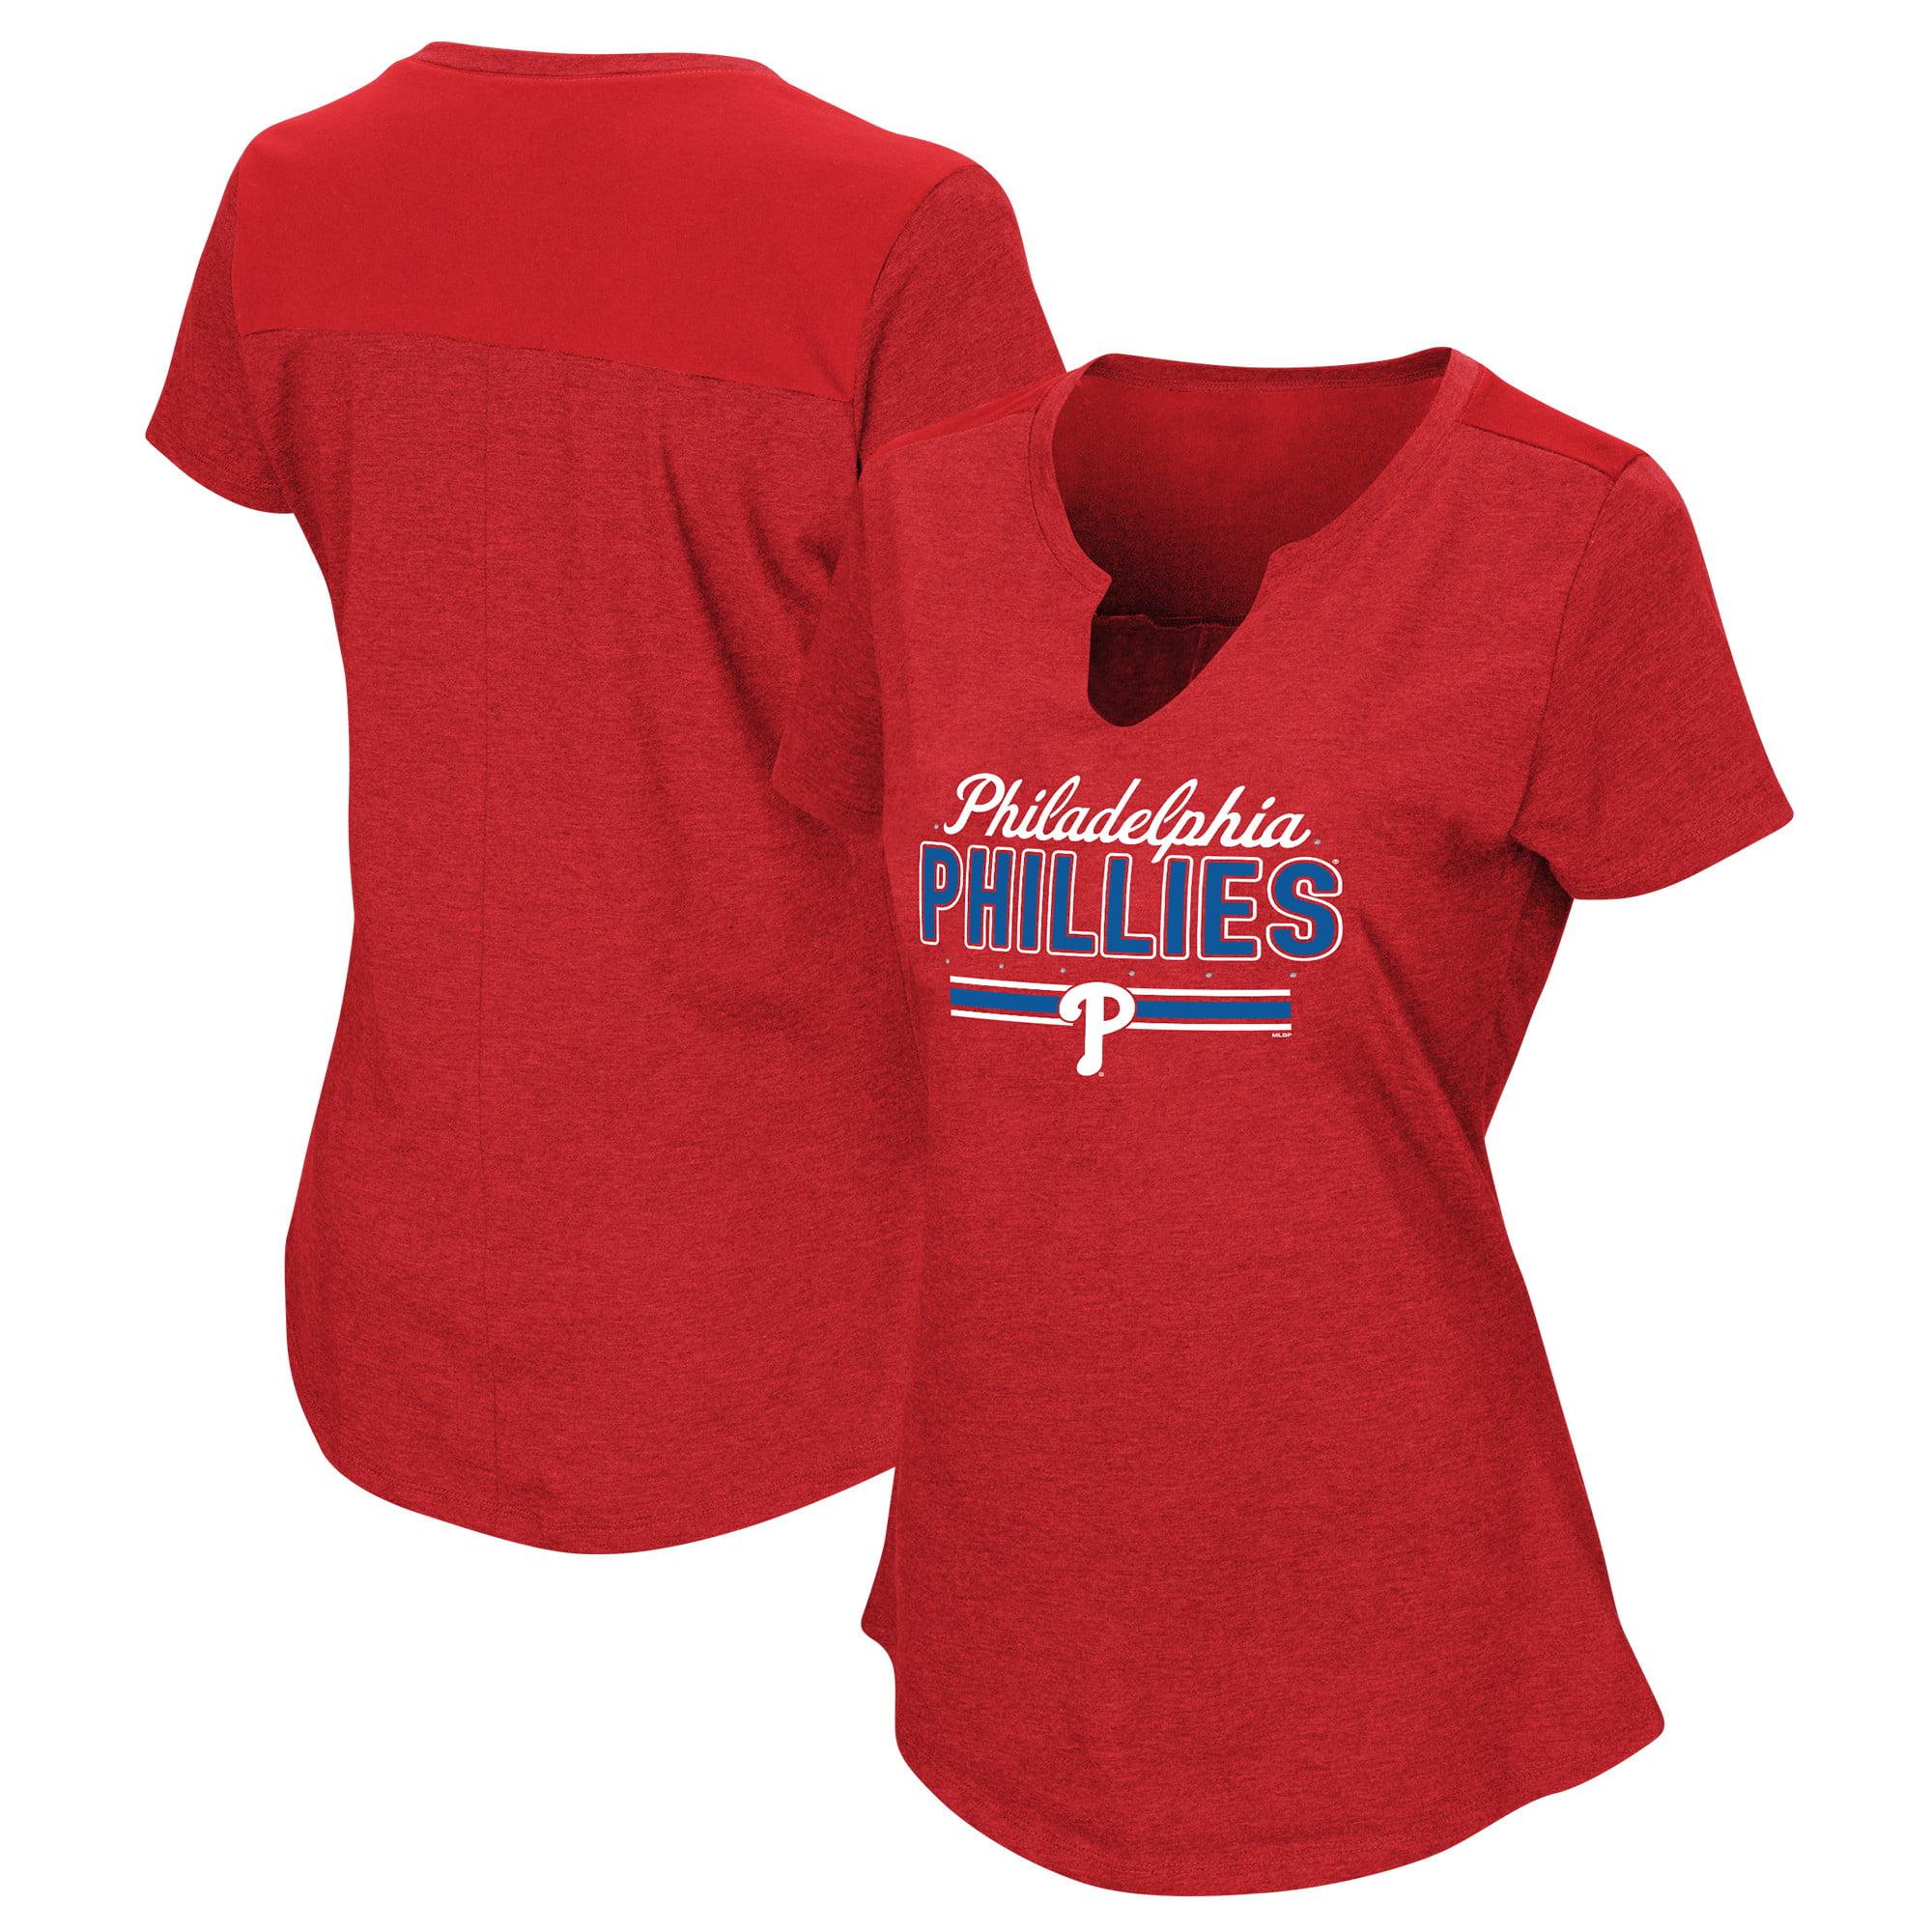 b376fdc27 Philadelphia Phillies Team Shop - Walmart.com